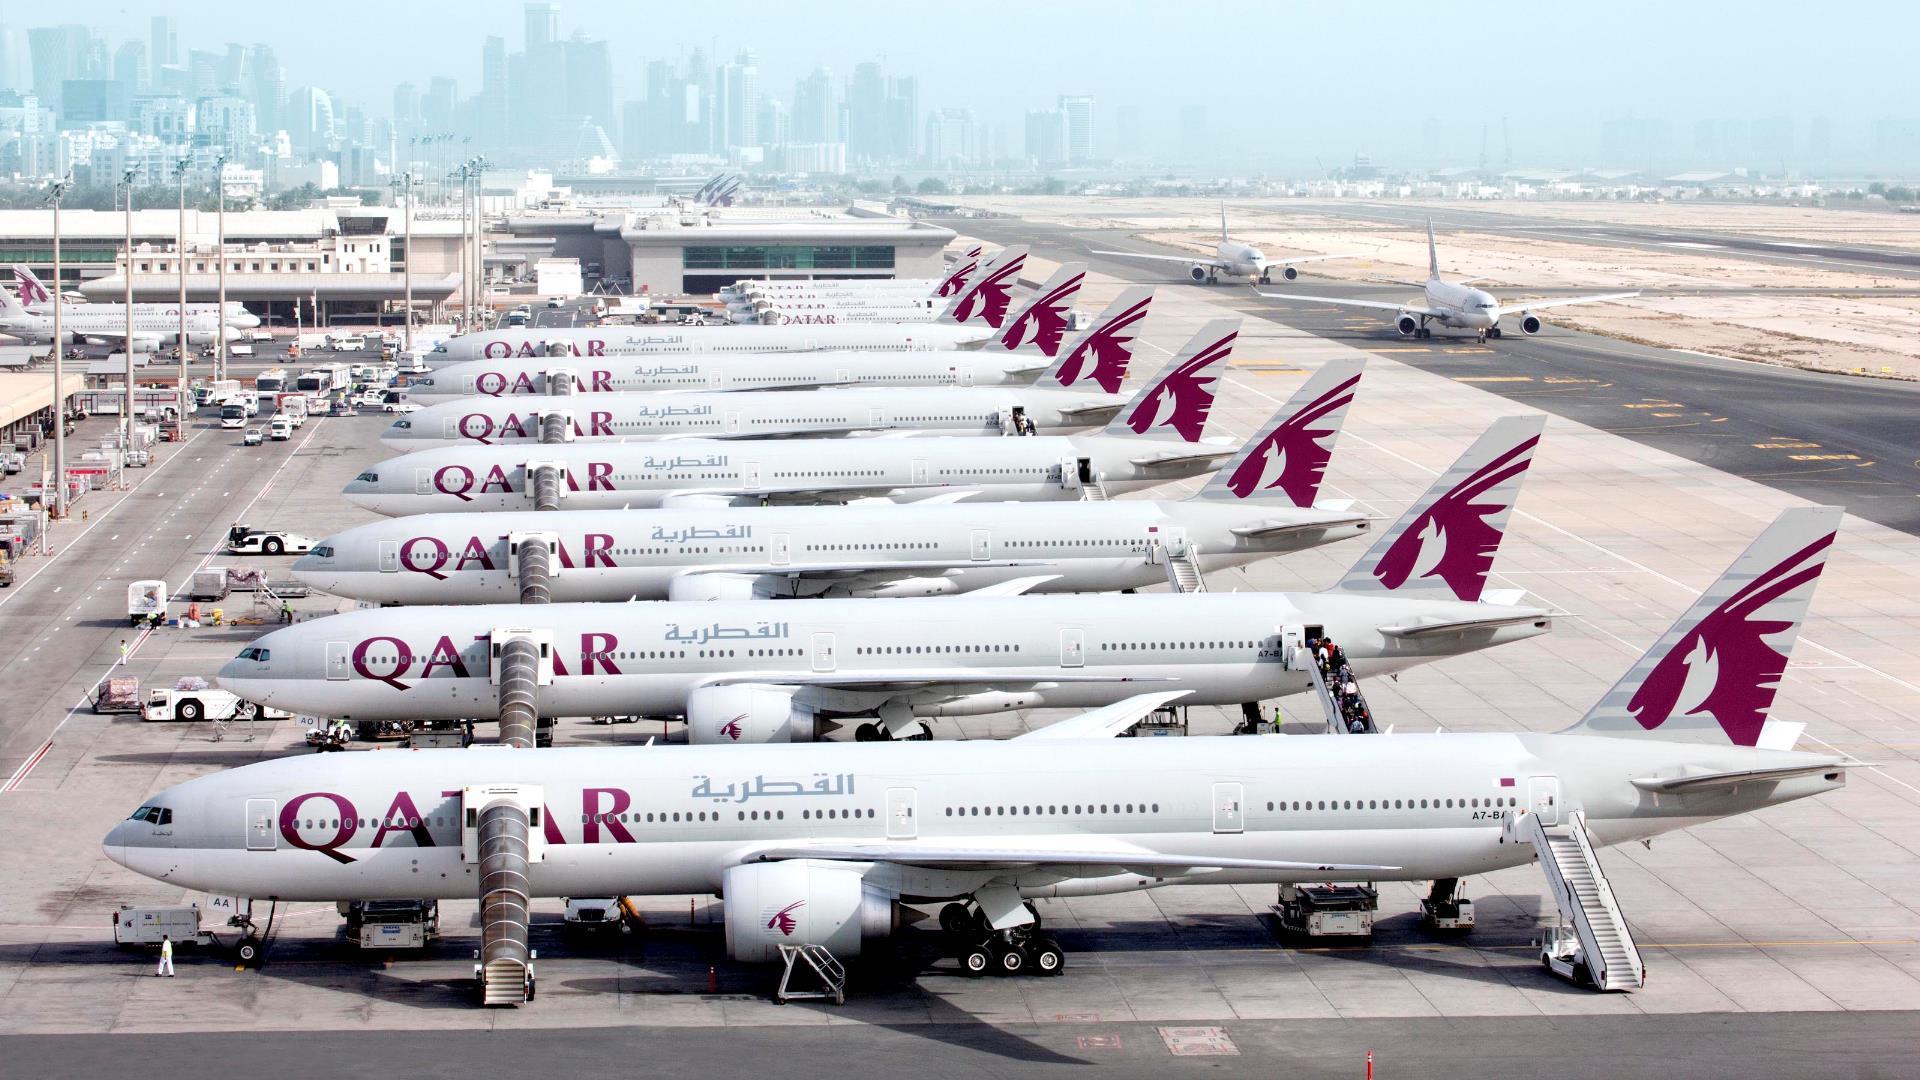 Qatar Airways elegida como la mejor línea aérea del mundo